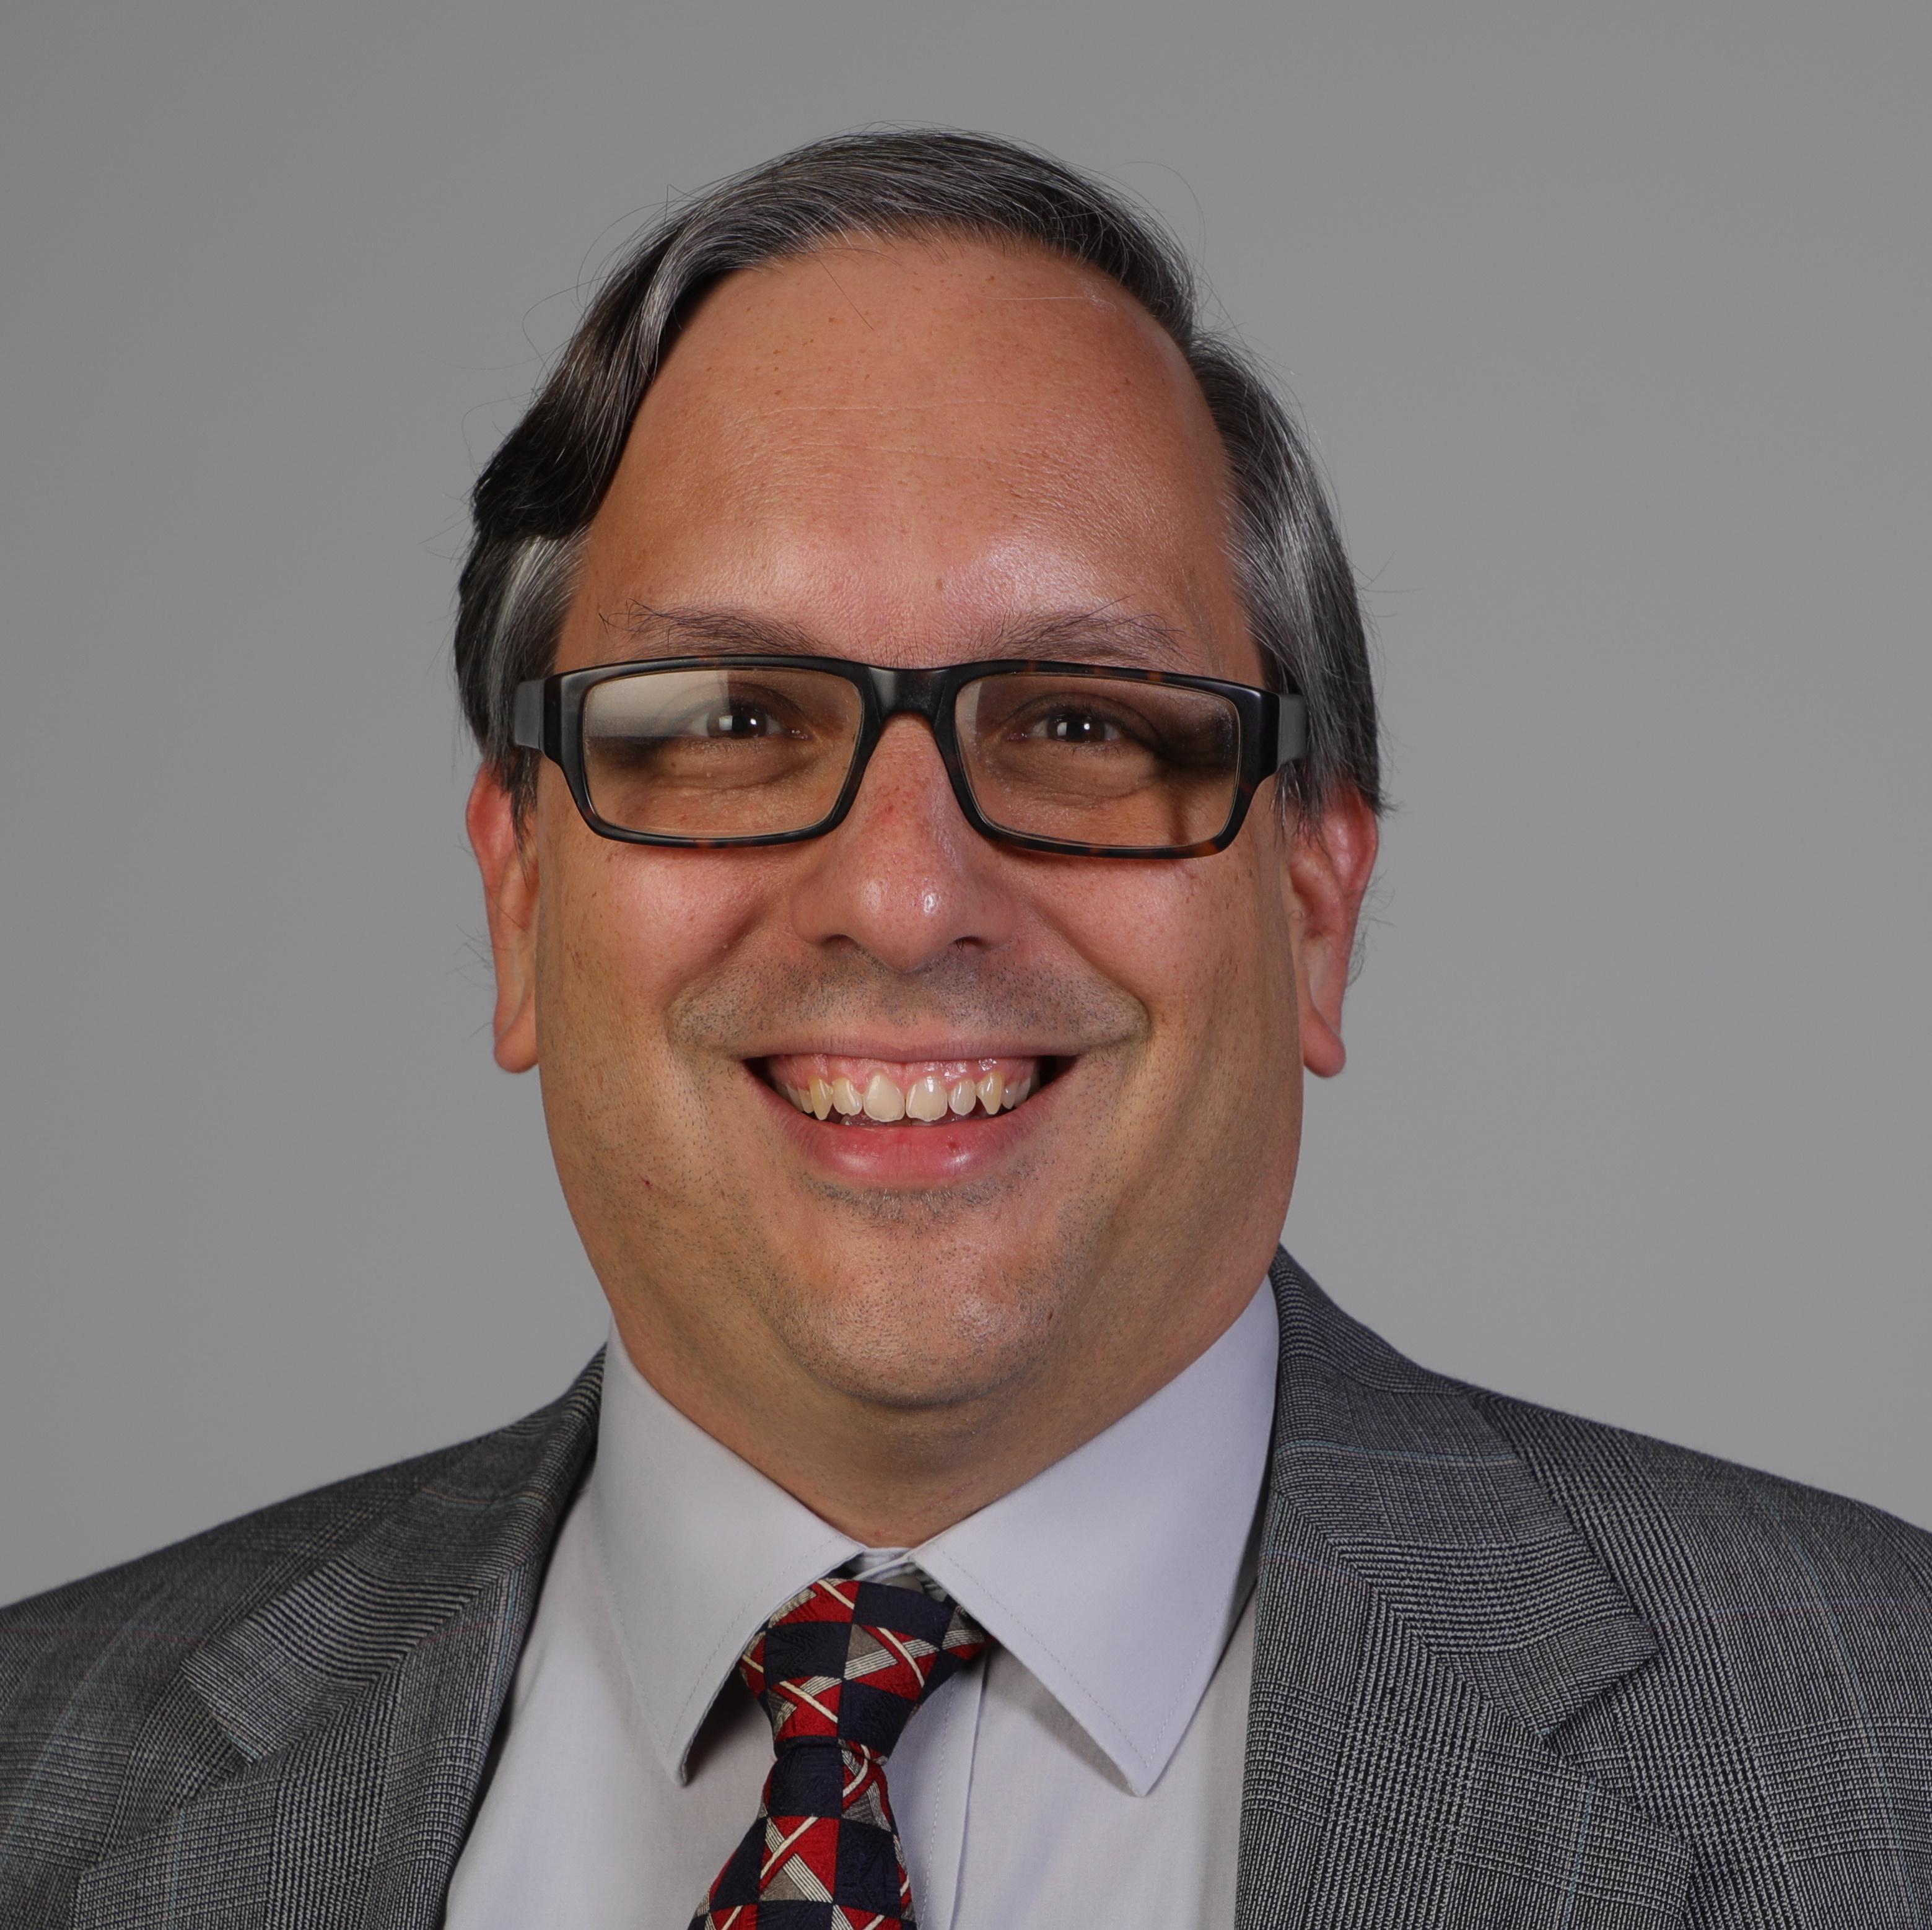 Victor Hinojosa